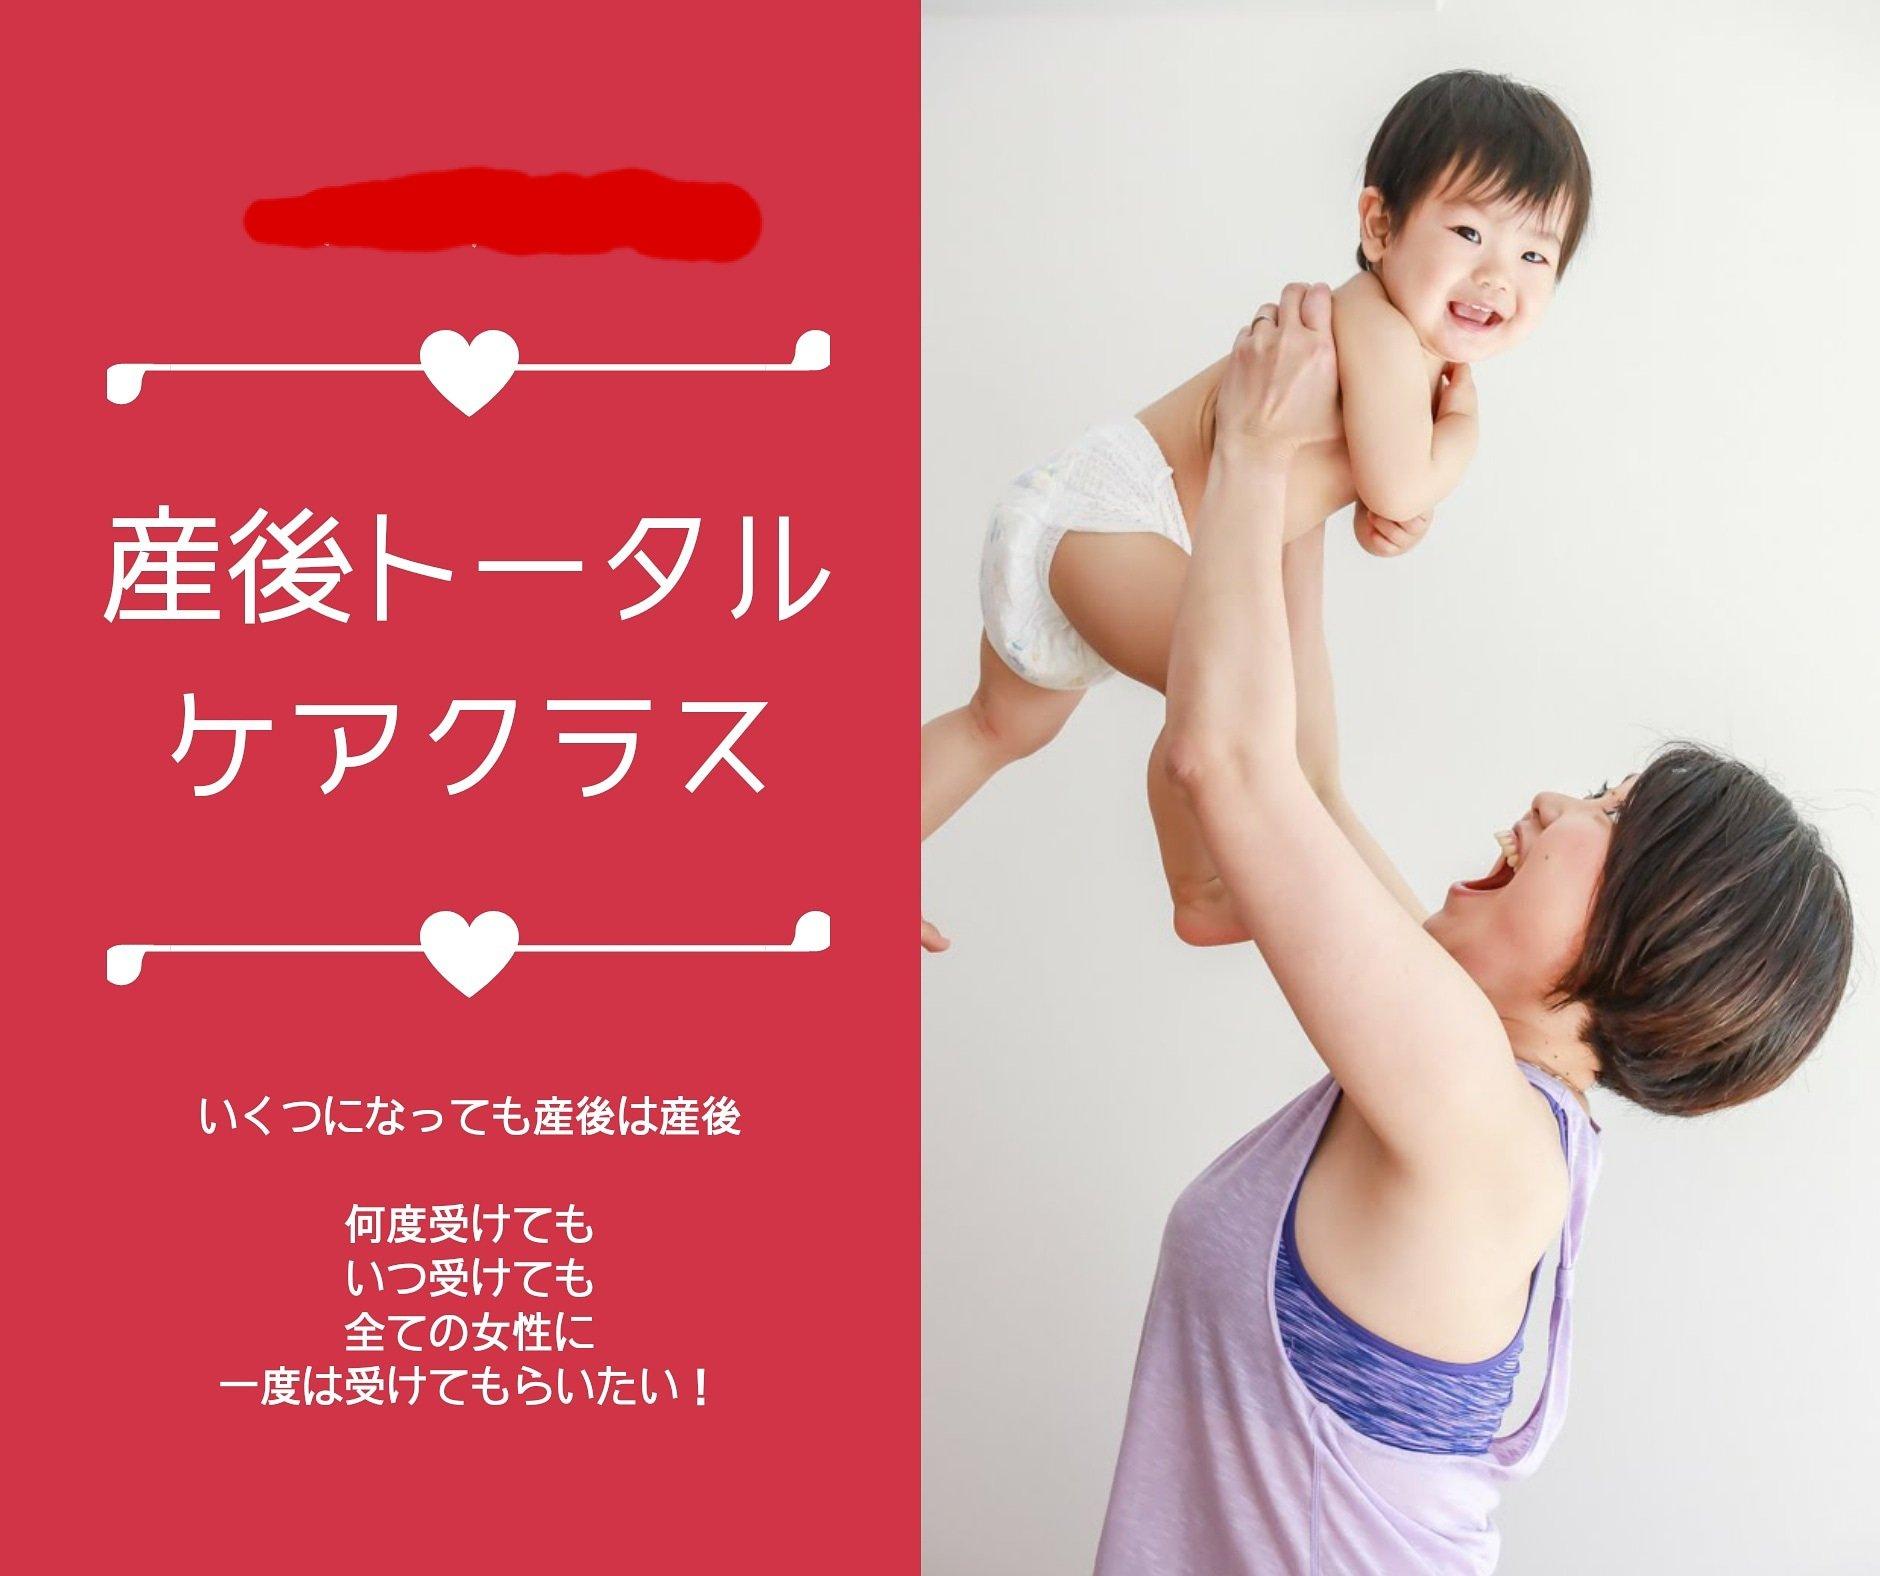 出産祝いチケット【10,000円分】のイメージその2